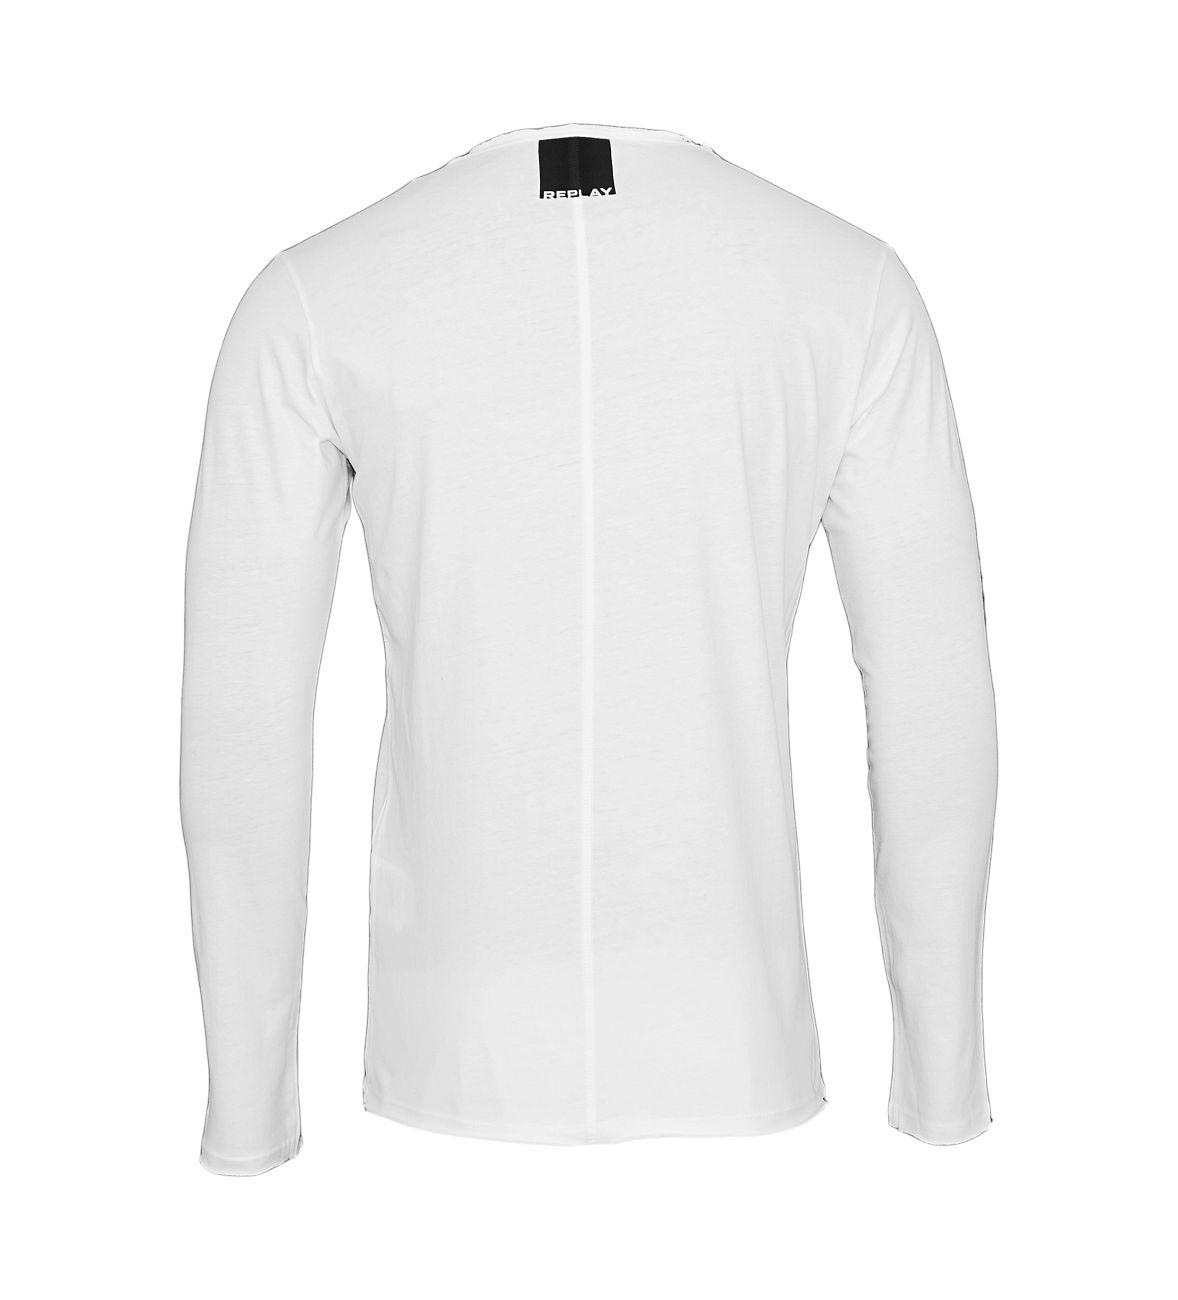 Replay Longsleeve Shirt Rundhals M3592.000 2660.001 white S18-RPLS1